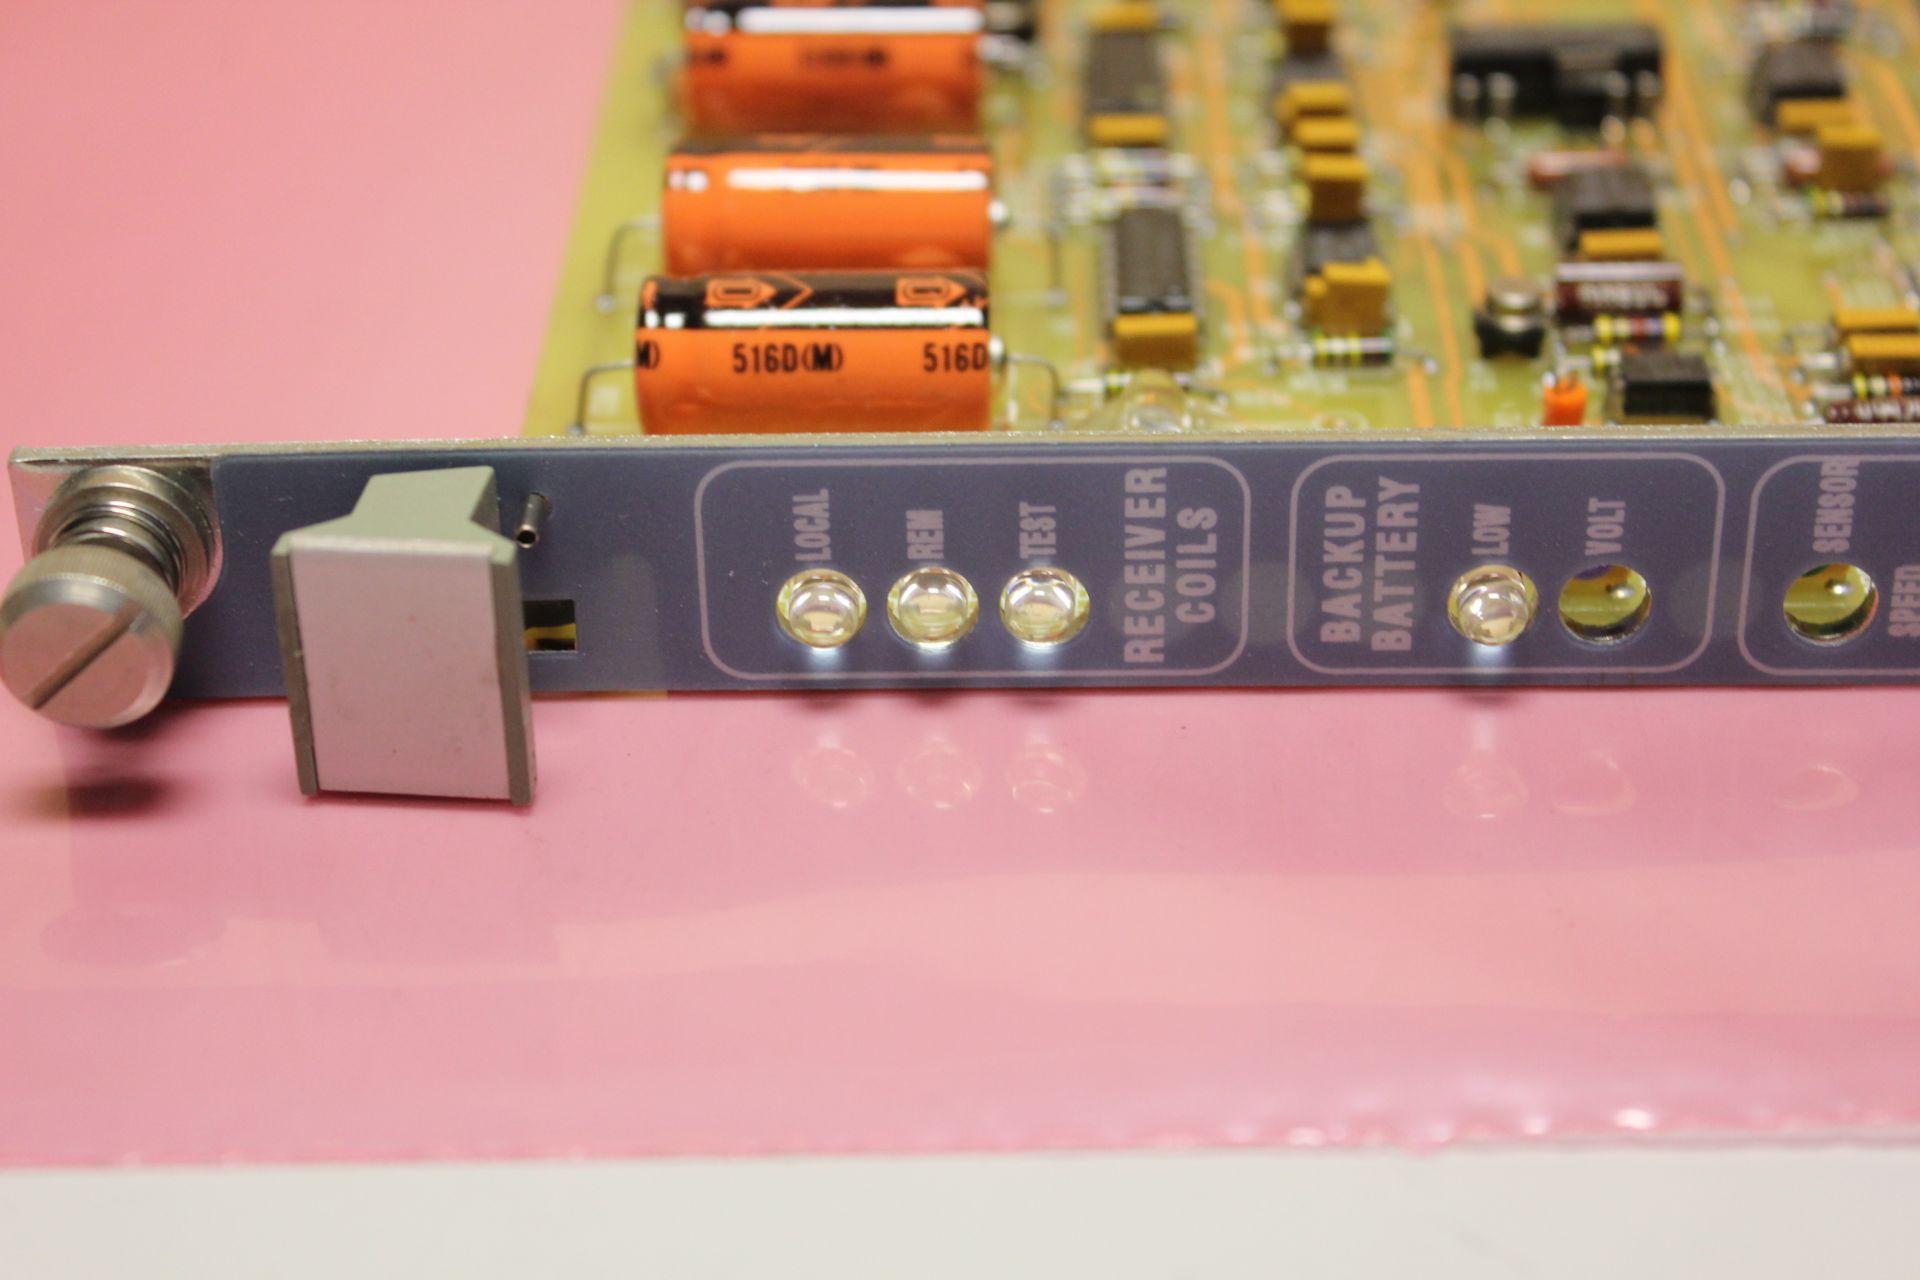 Lot 28 - USSI/ANSALDO MULTI-FUNCTION CONTROL MODULE